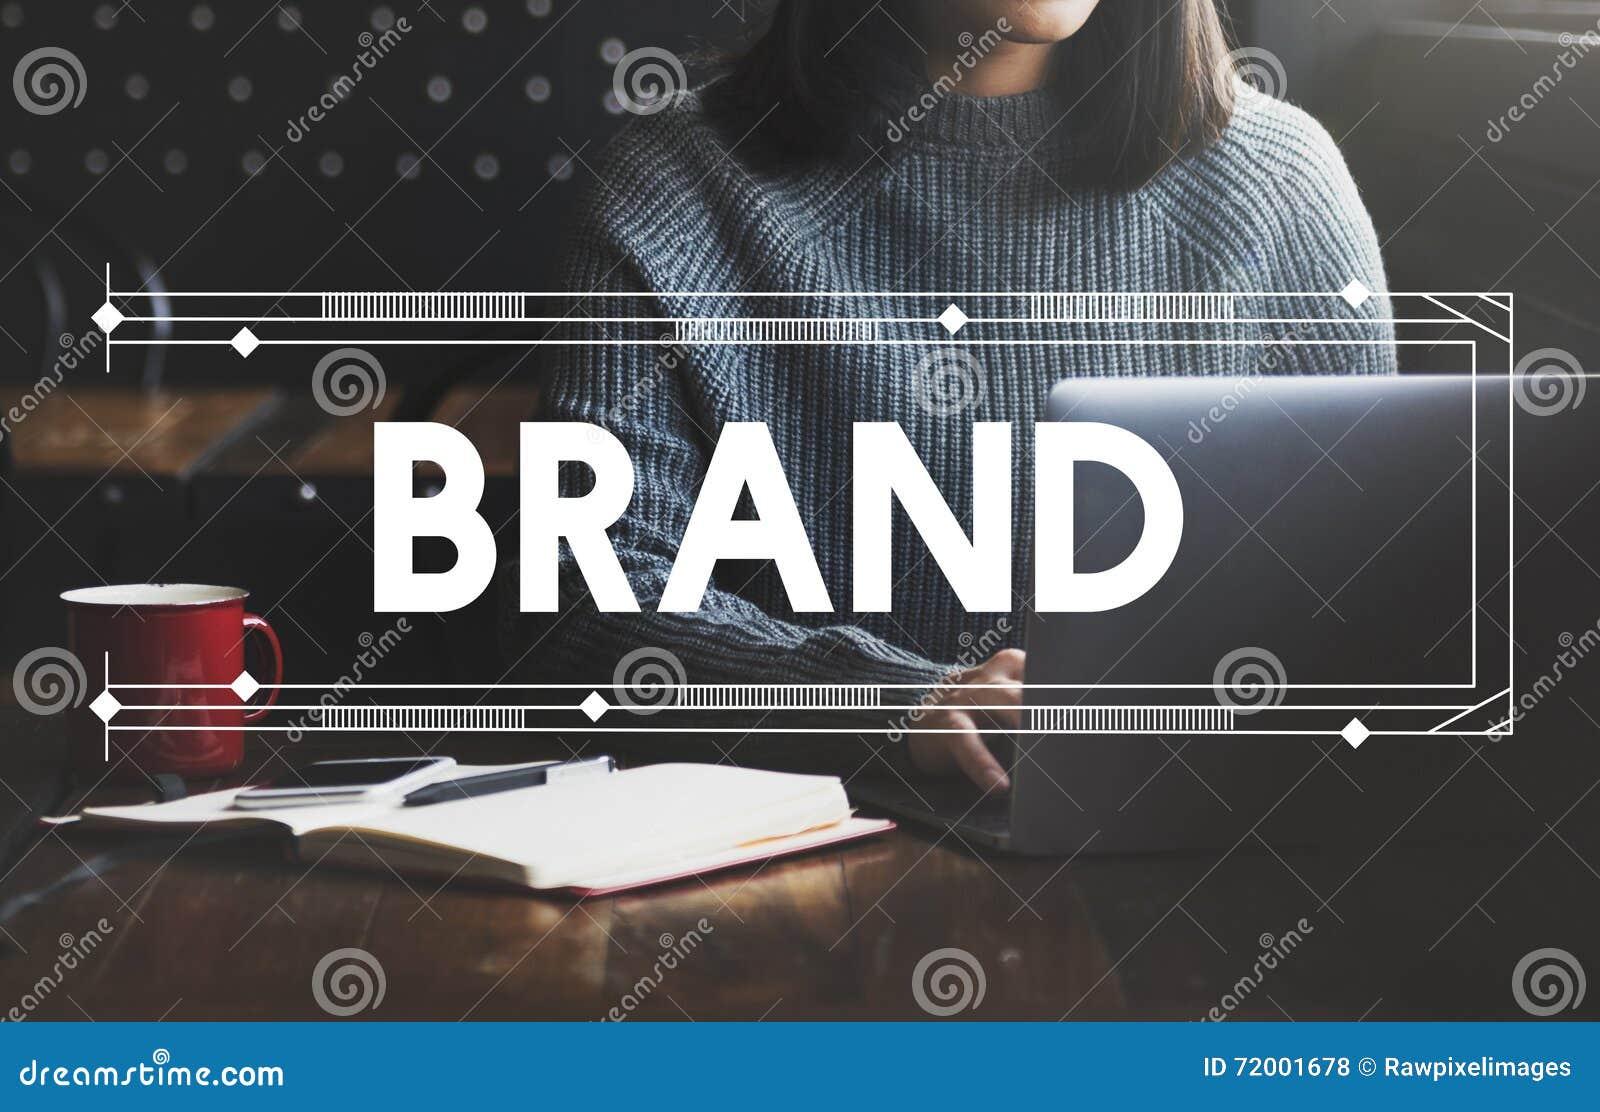 Concepto de producto de comercialización de marcado en caliente de la publicidad comercial de la marca